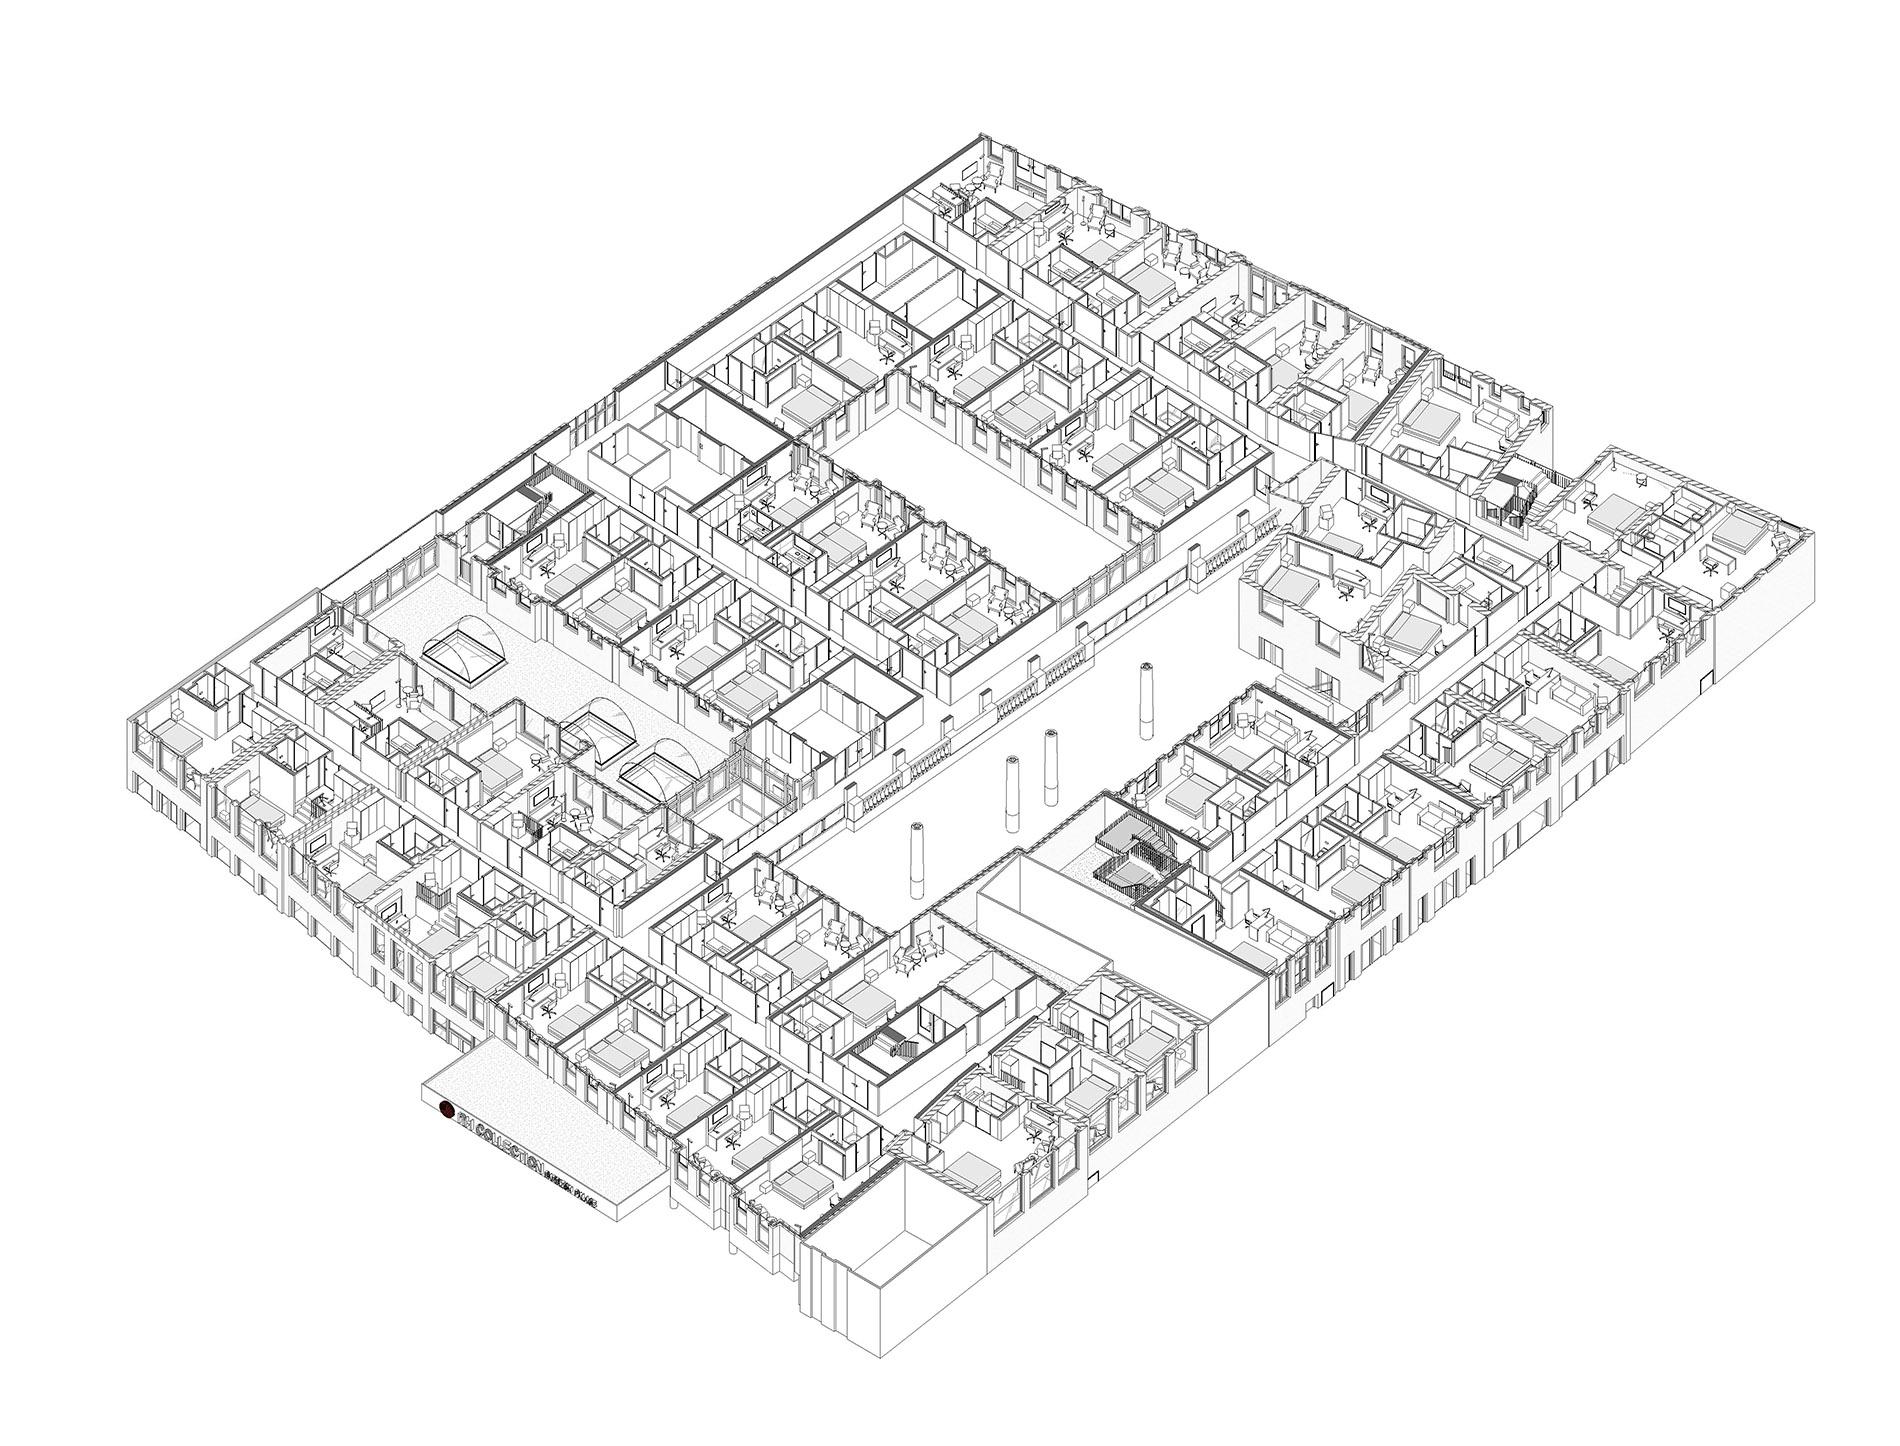 meijer_van_eerden_architectenbureau_digitalisering_bouwtekeningen